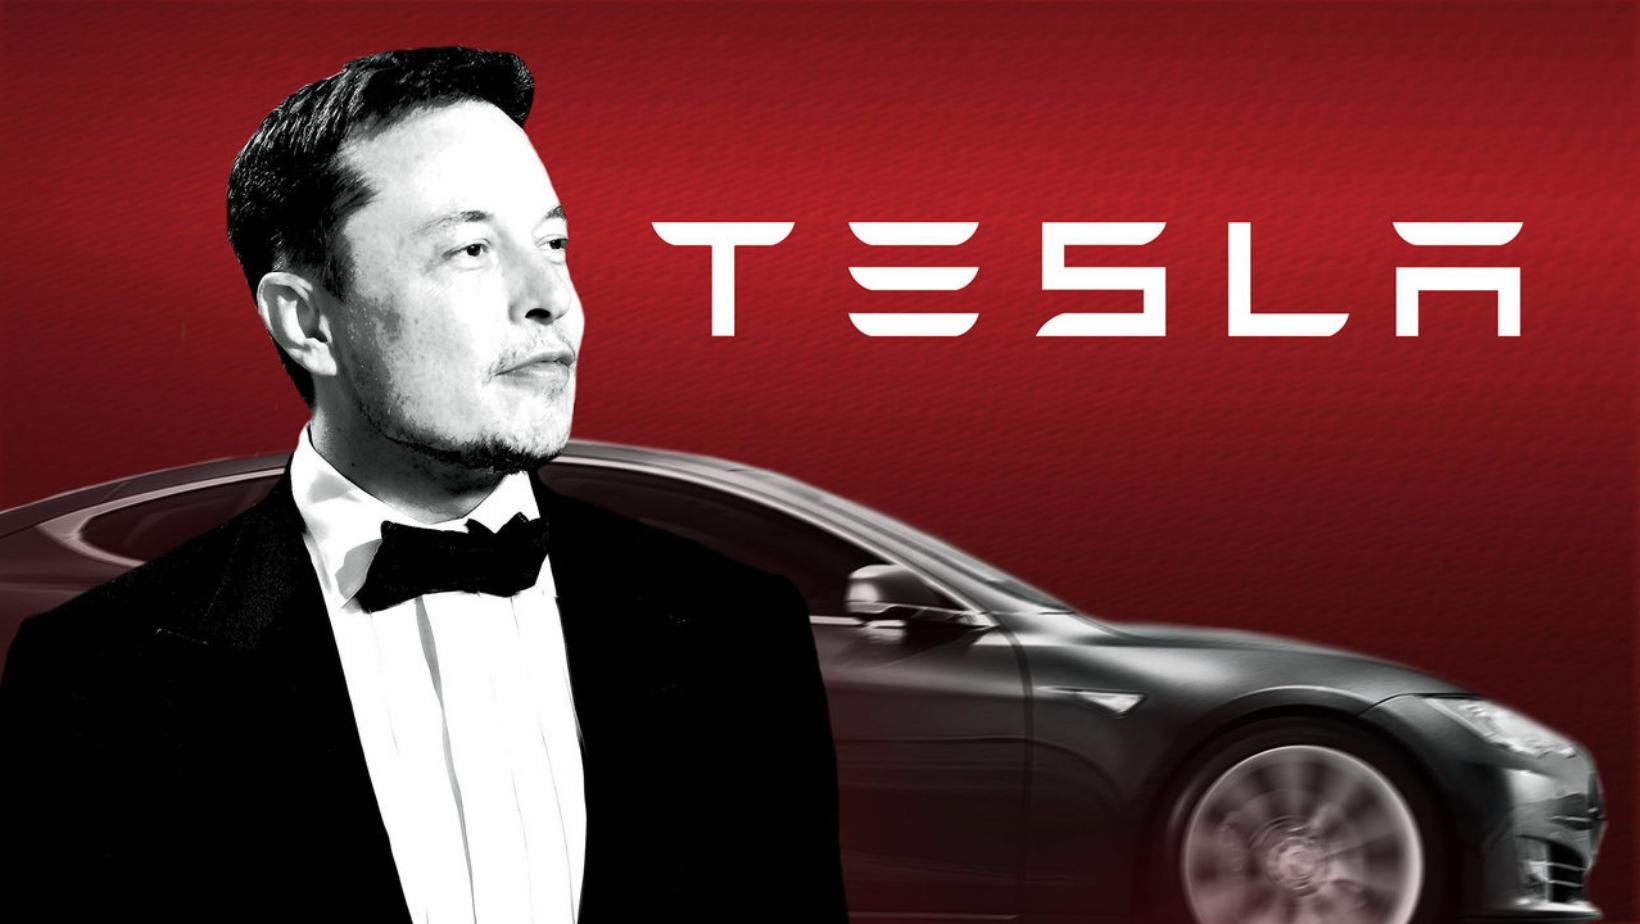 Tesla Dau Tu 1.1 Tỷ đô Xây Dựng Tại Austin, Texas